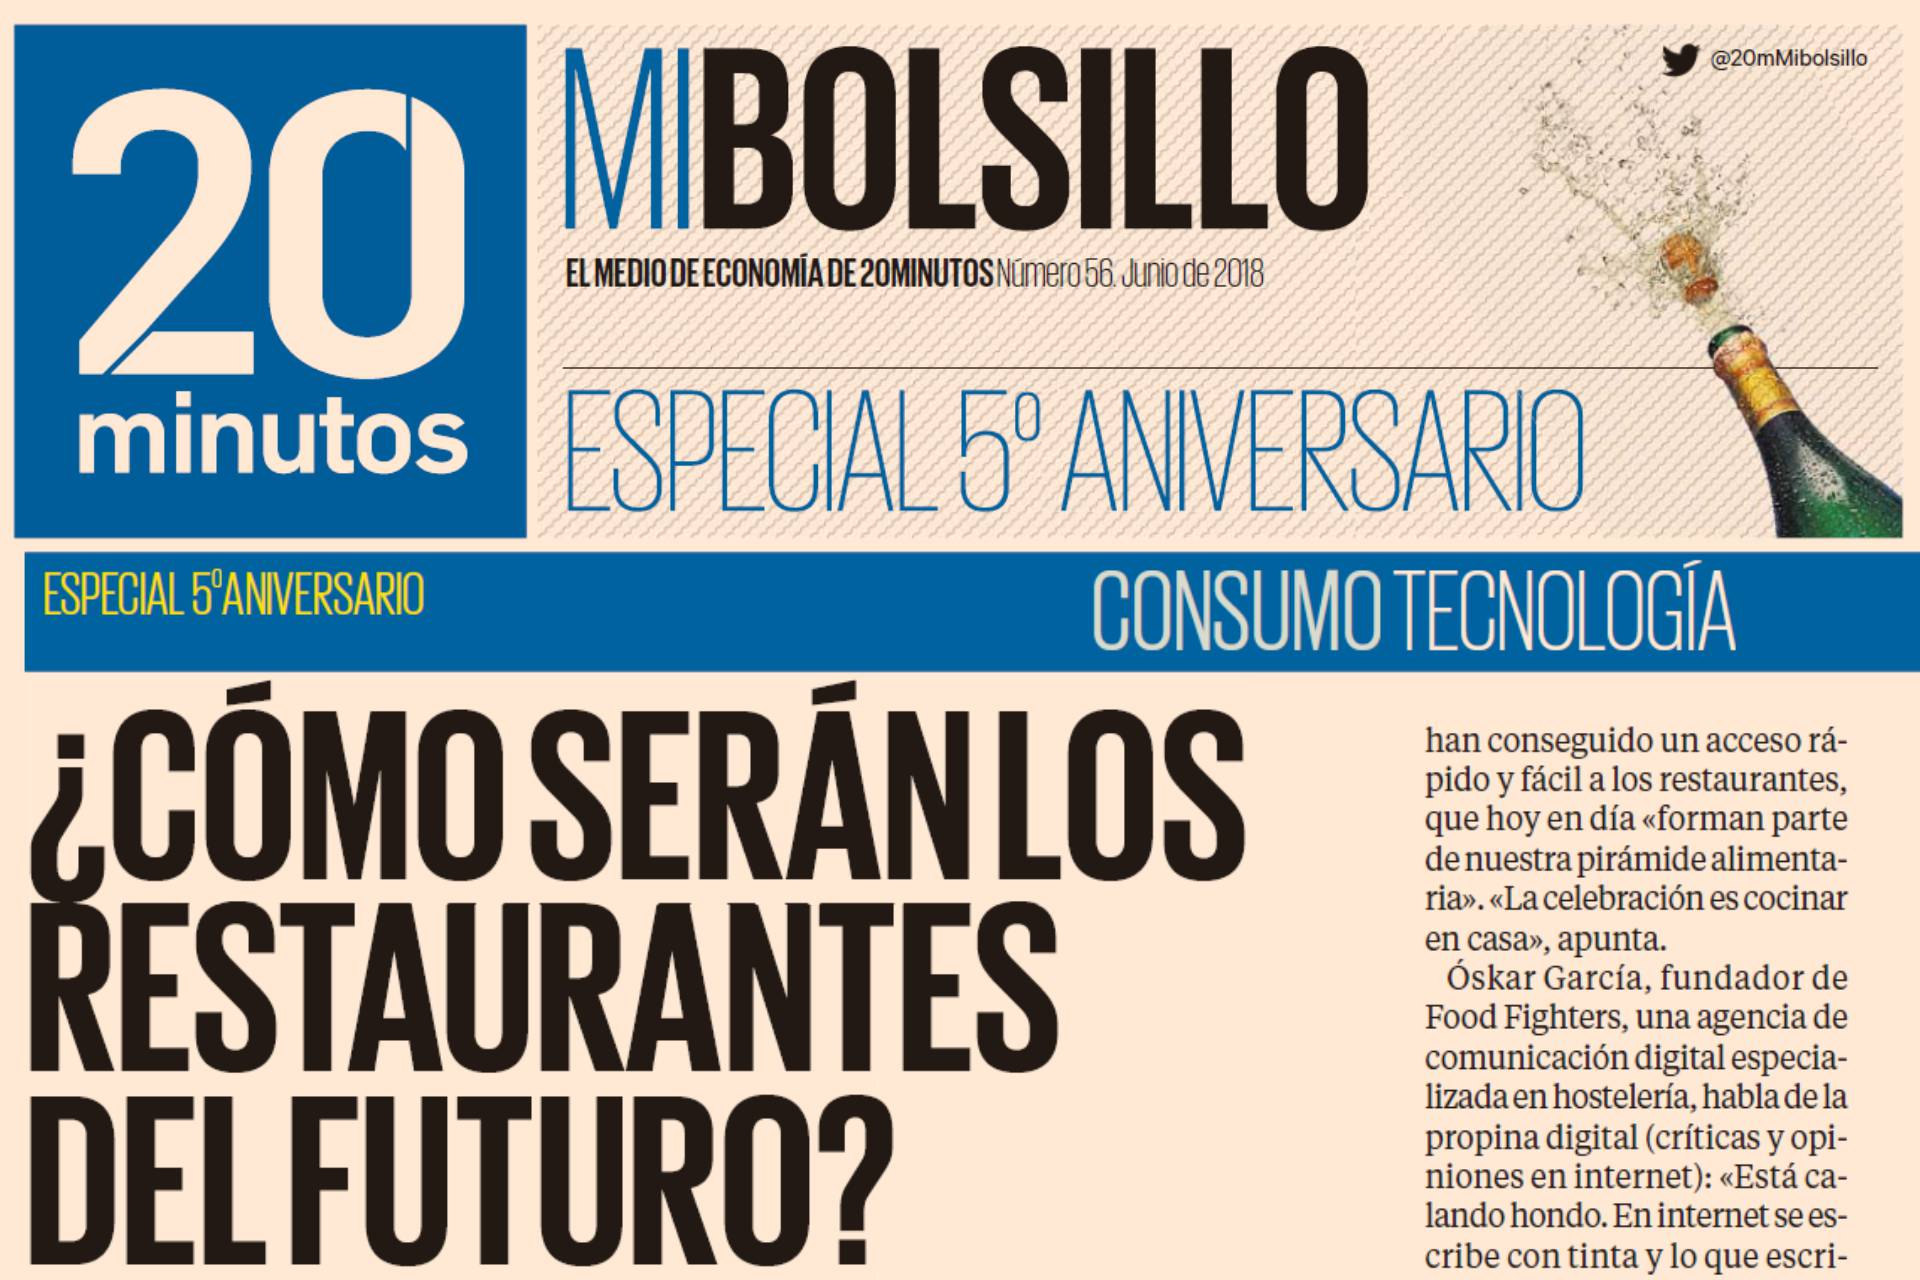 Diario 20 minutos entrevista a Food Fighters, Oskar García y Mari Carmen Mas